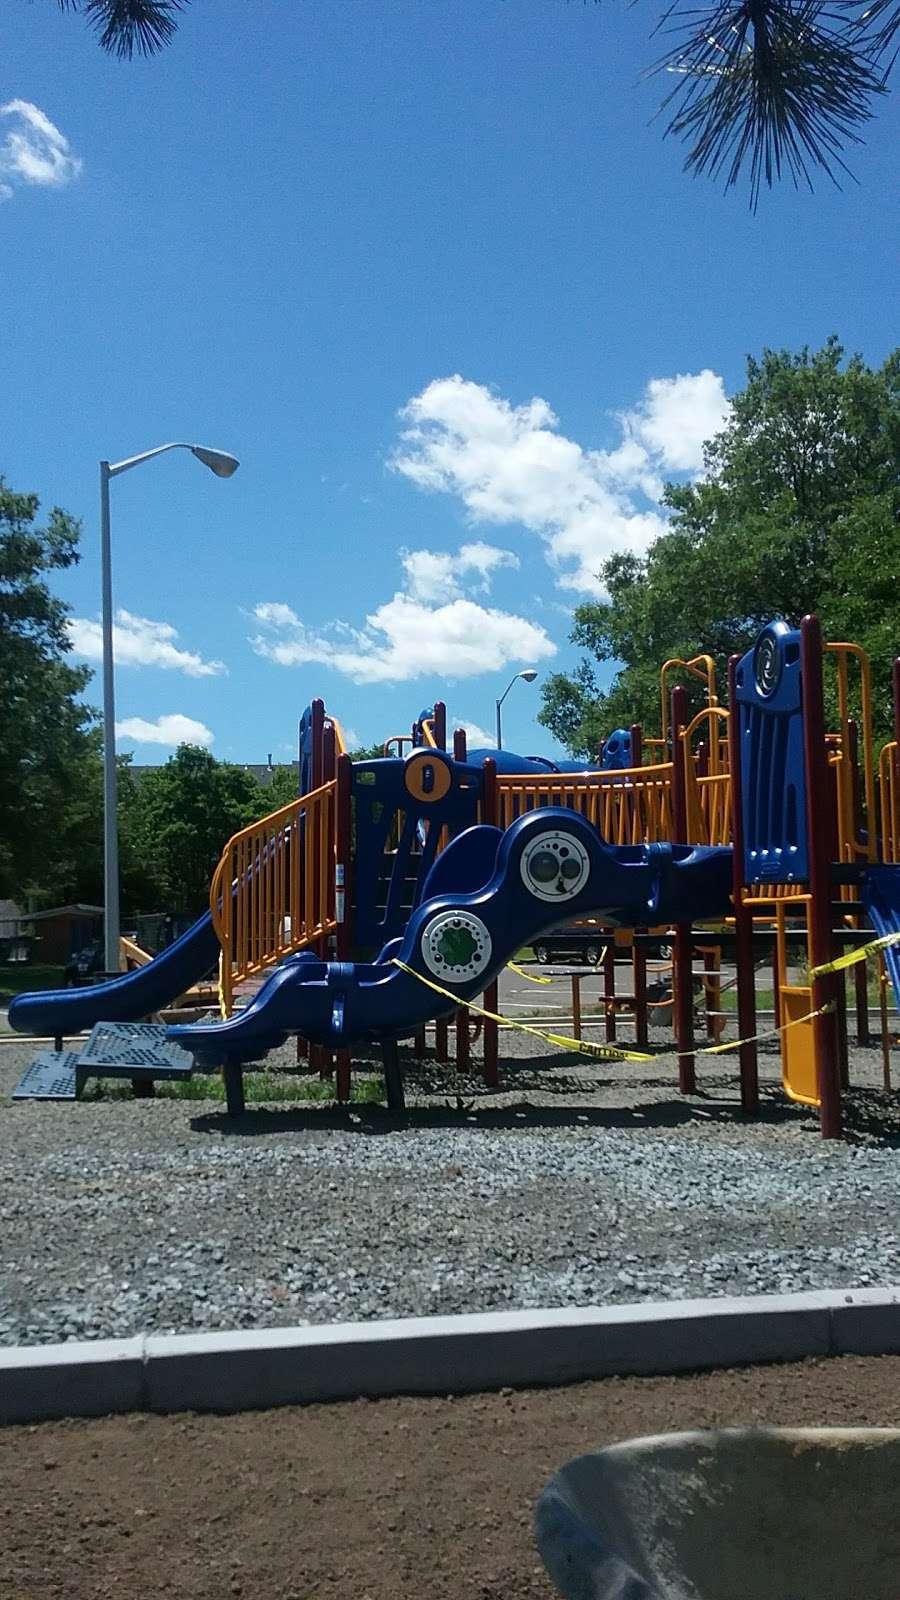 Schmidts Woods Park - park    Photo 9 of 10   Address: Millridge Rd, Secaucus, NJ 07094, USA   Phone: (201) 330-2078